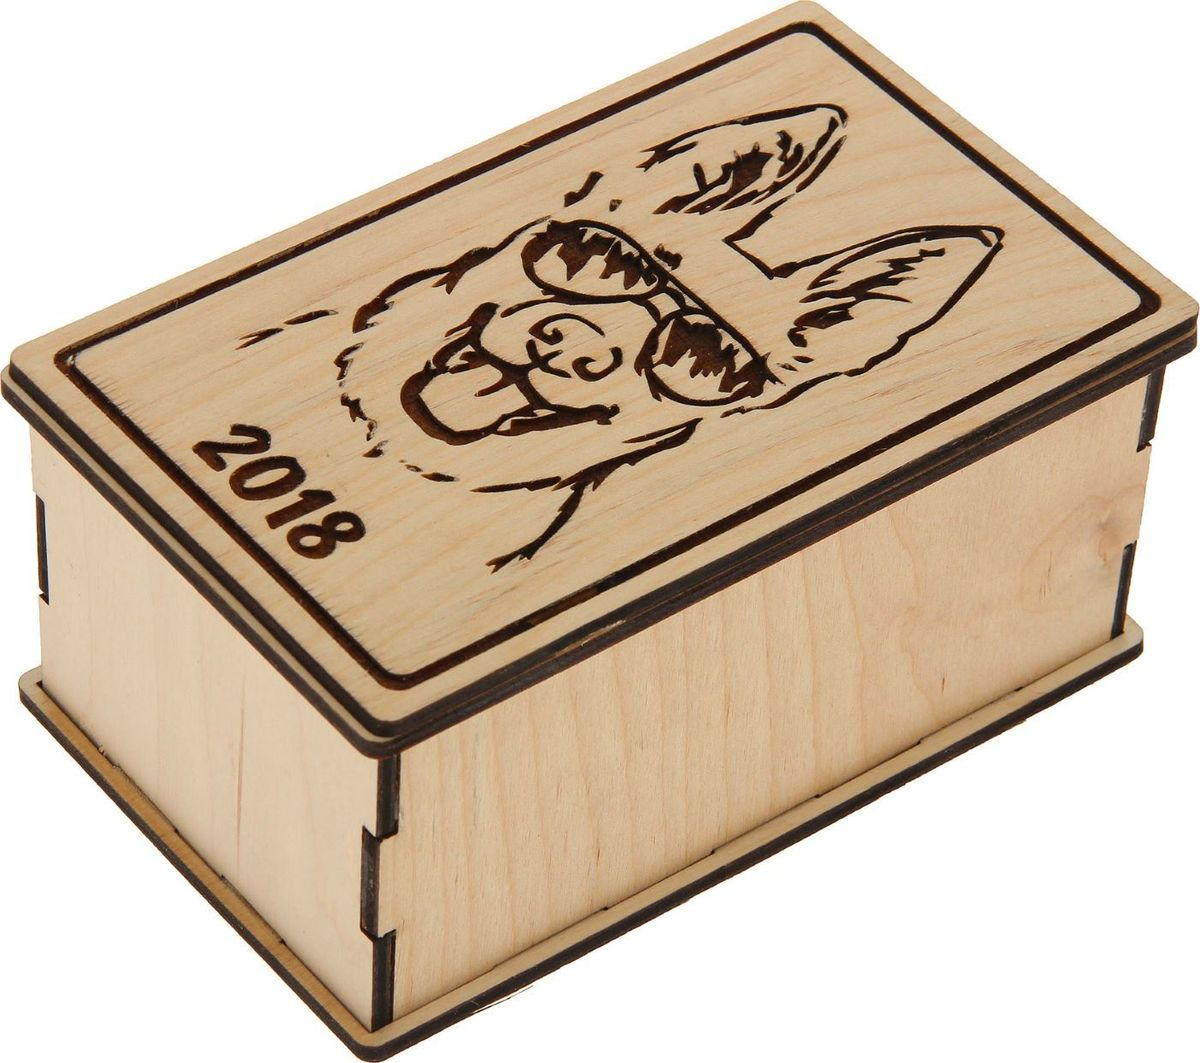 Шкатулка Канышевы 2018, цвет: бежевый, 15 х 8,5 х 7 см2482758Шкатулка — это небольшой сувенир, а также оригинальная упаковка подарка. Она дополнит интерьер спальни, гостиной или прихожей. Изделие предназначено для хранения украшений: колец, браслетов, часов, цепочек, колье, сережек и прочих предметов.